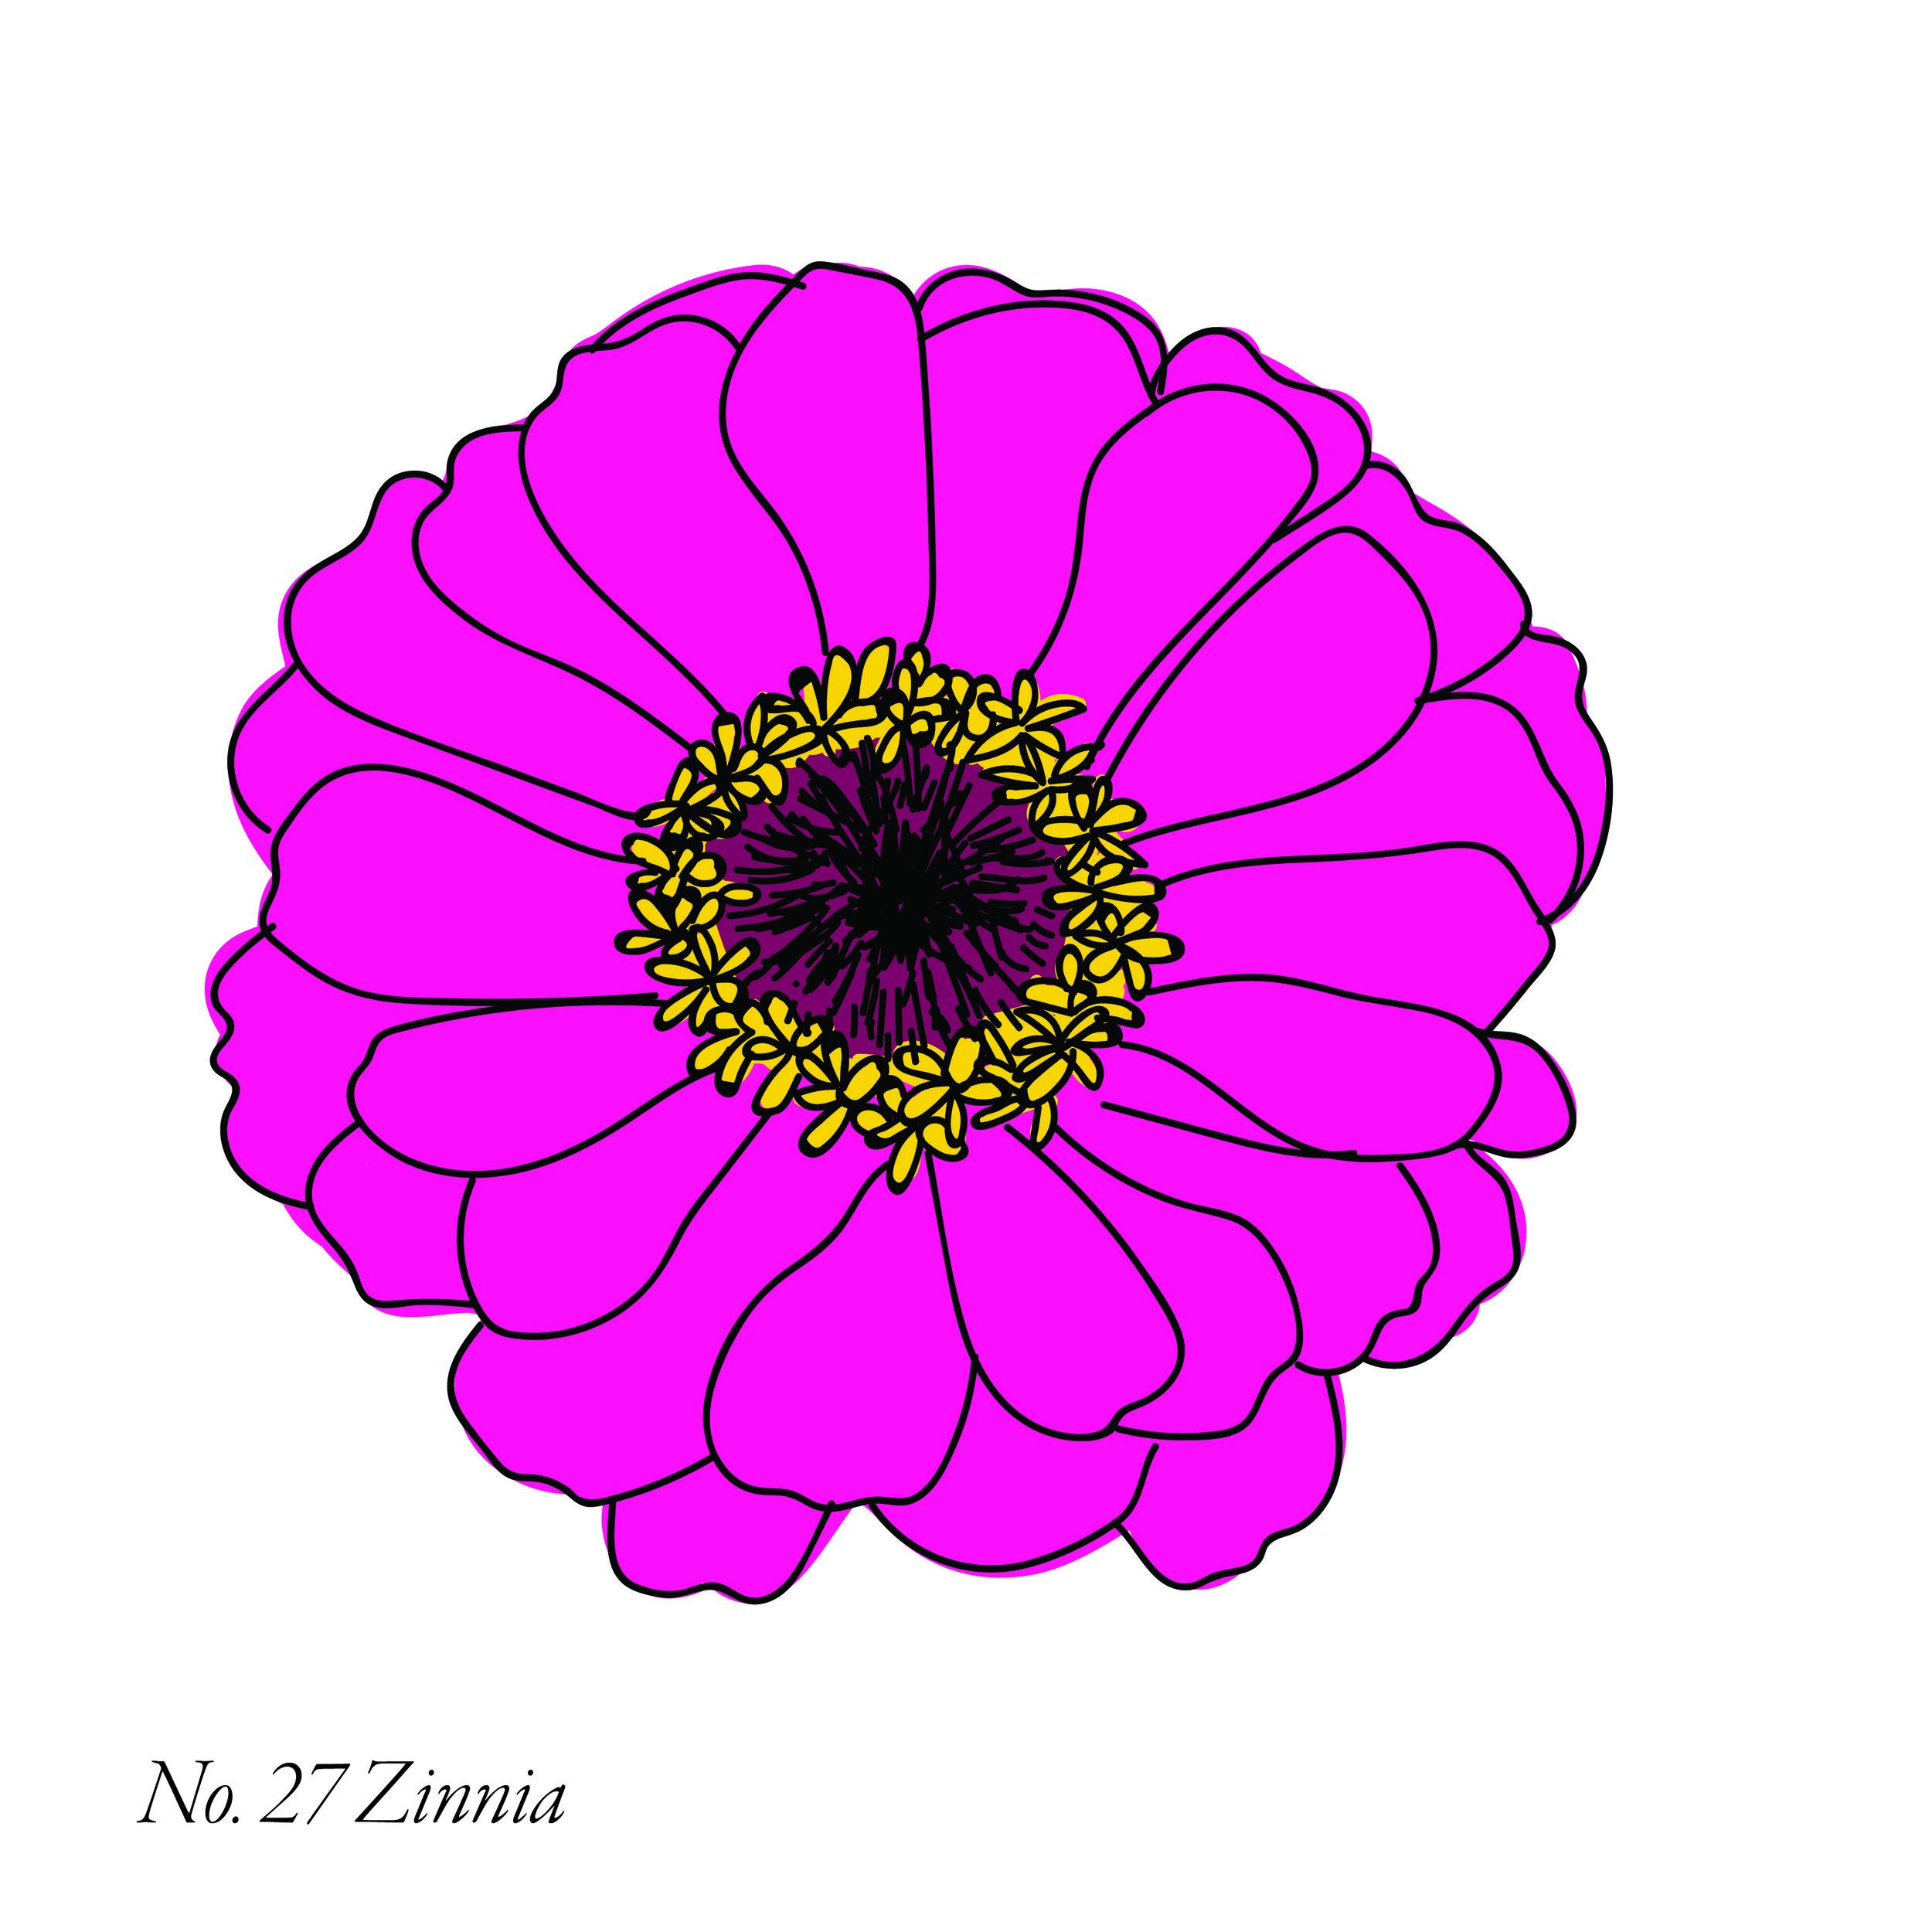 zinnia-28.jpg